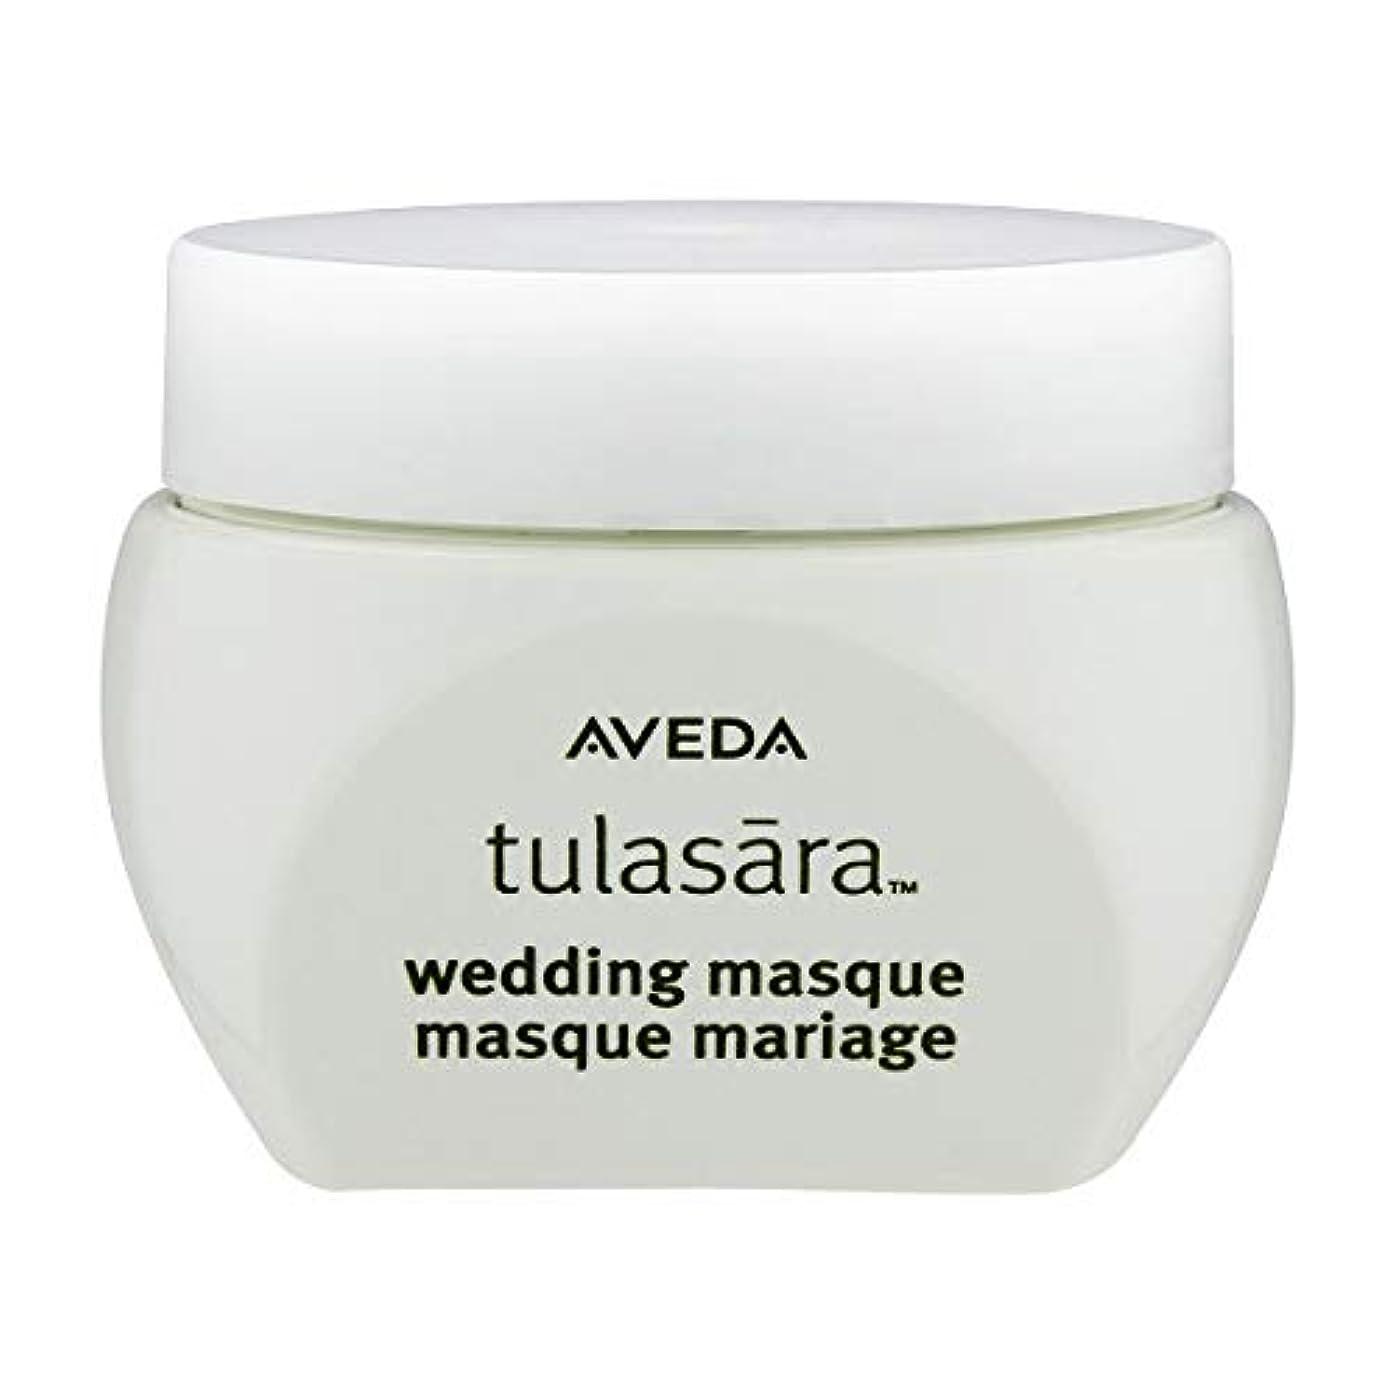 財産治療汚染AVEDA / アヴェダ トゥラサラ ウエディング マスククリーム フェイス 50ml [並行輸入品]